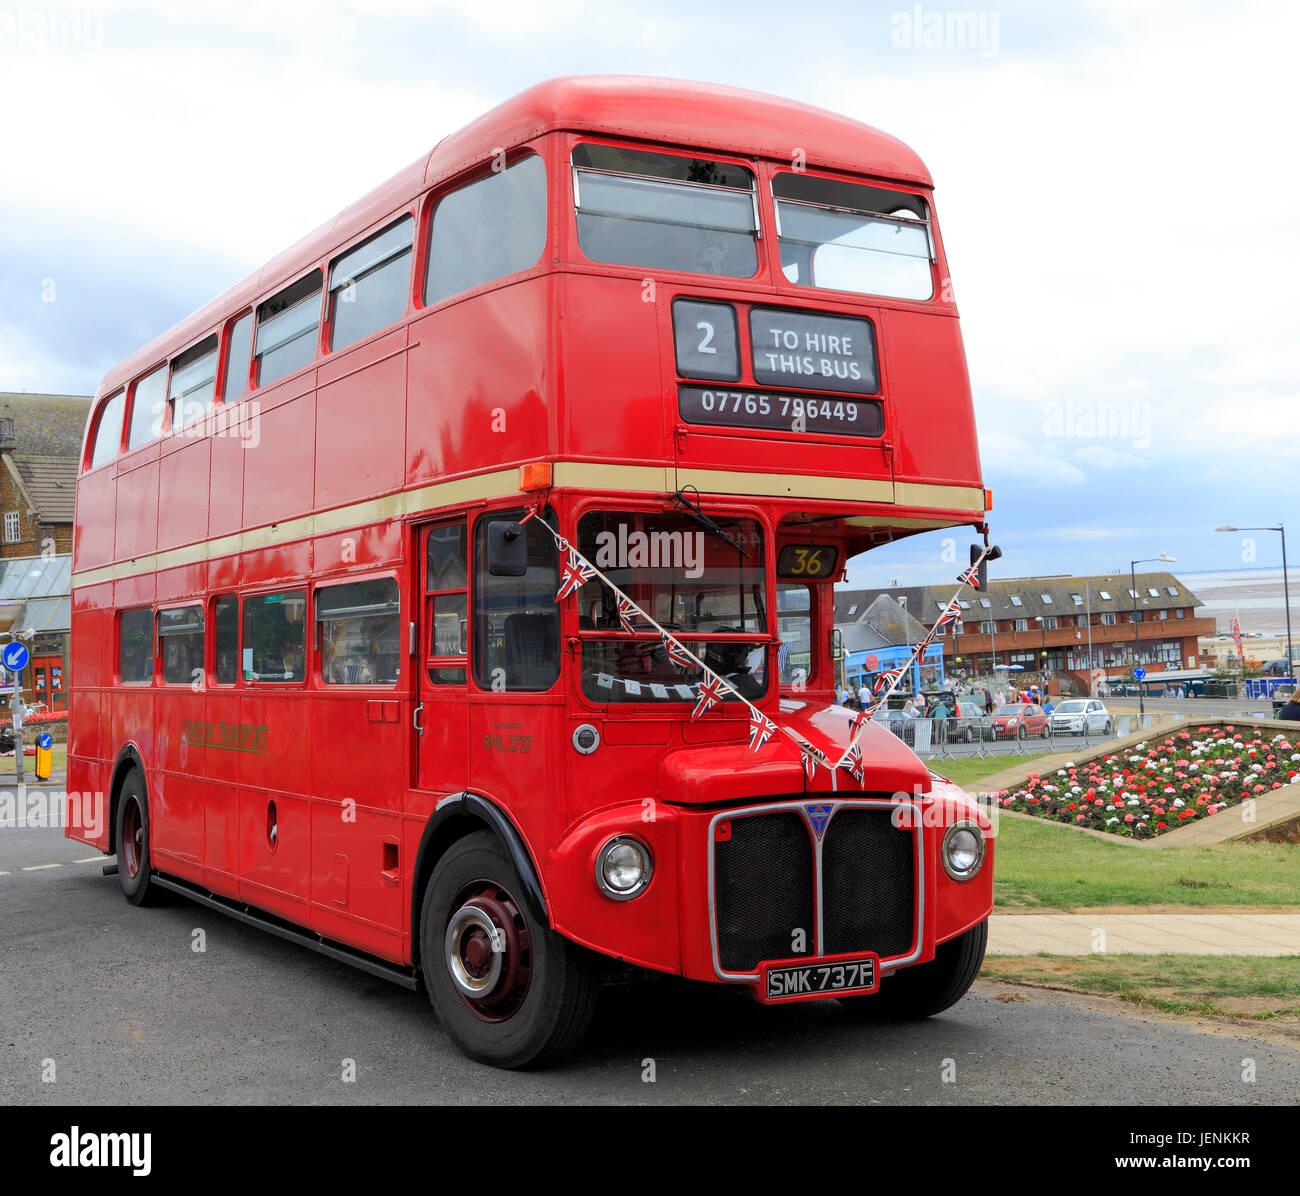 Vintage, rosso, Londra Trasporto bus, Hunstanton, Norfolk, Inghilterra, Regno Unito, attrazione turistica Immagini Stock